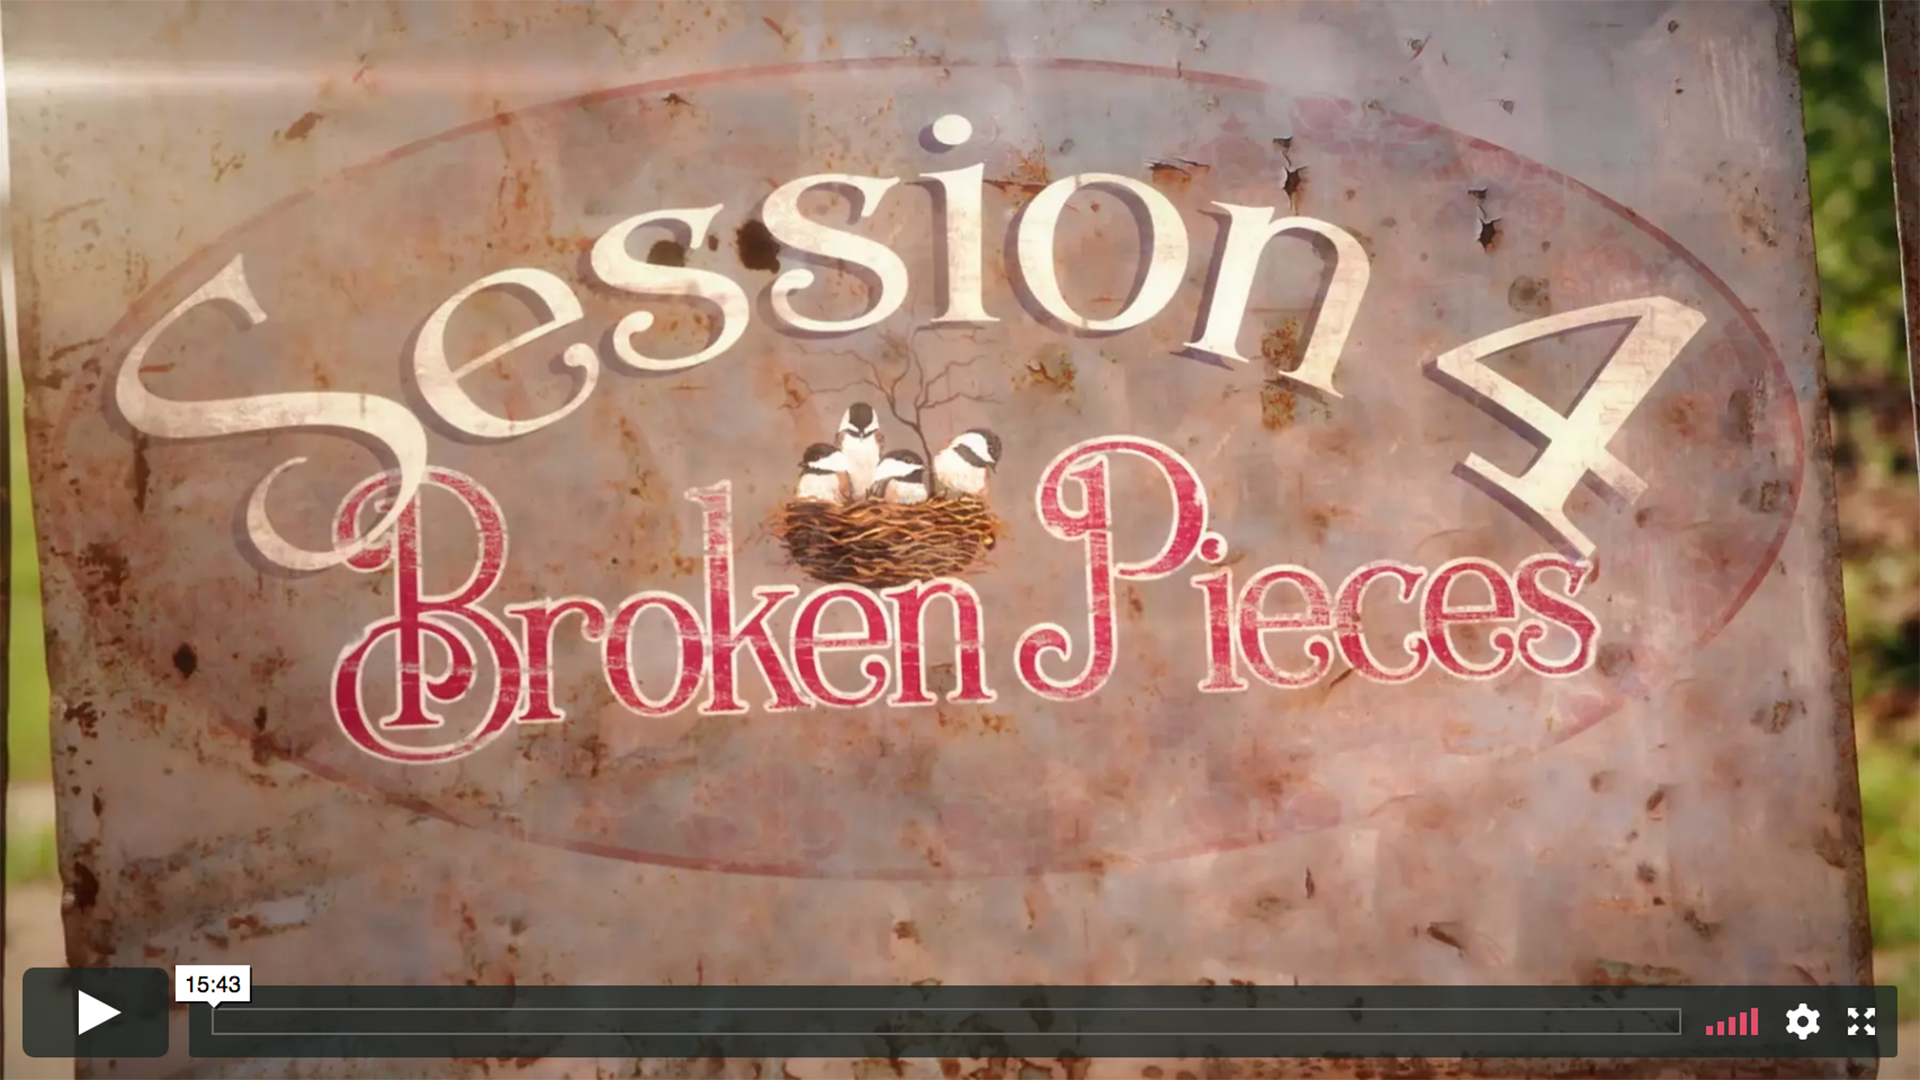 Session 4 - Broken Pieces